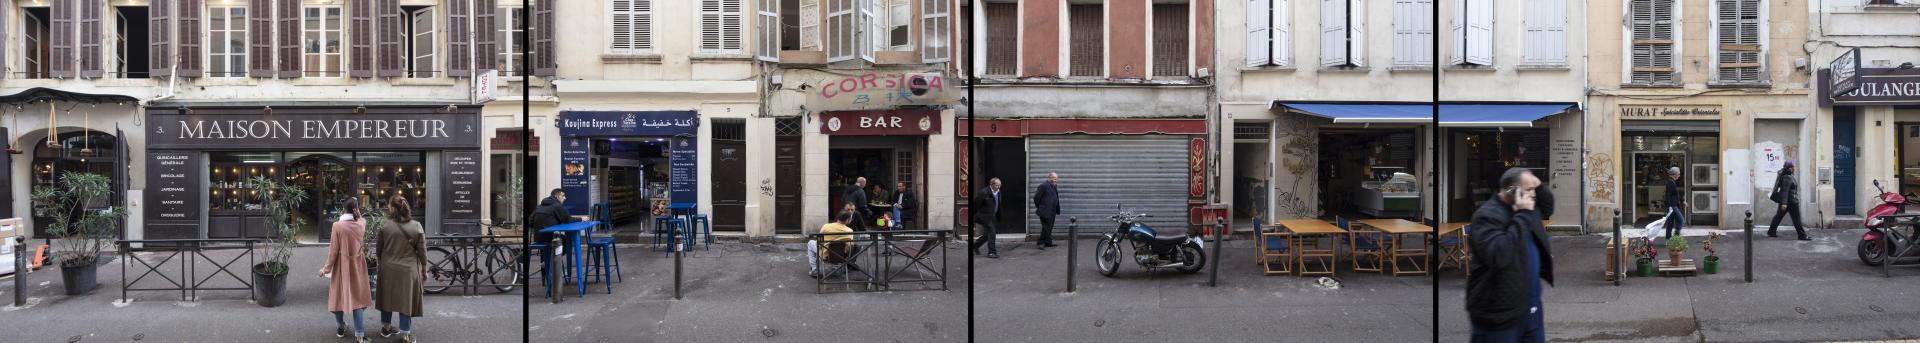 Remontée de la rue d'Aubagne, à Marseille, du numéro 3 au numéro 13, le 14 novembre. La zone d'effondrement, inaccessible, se situe entre les numéros 63 et 67.